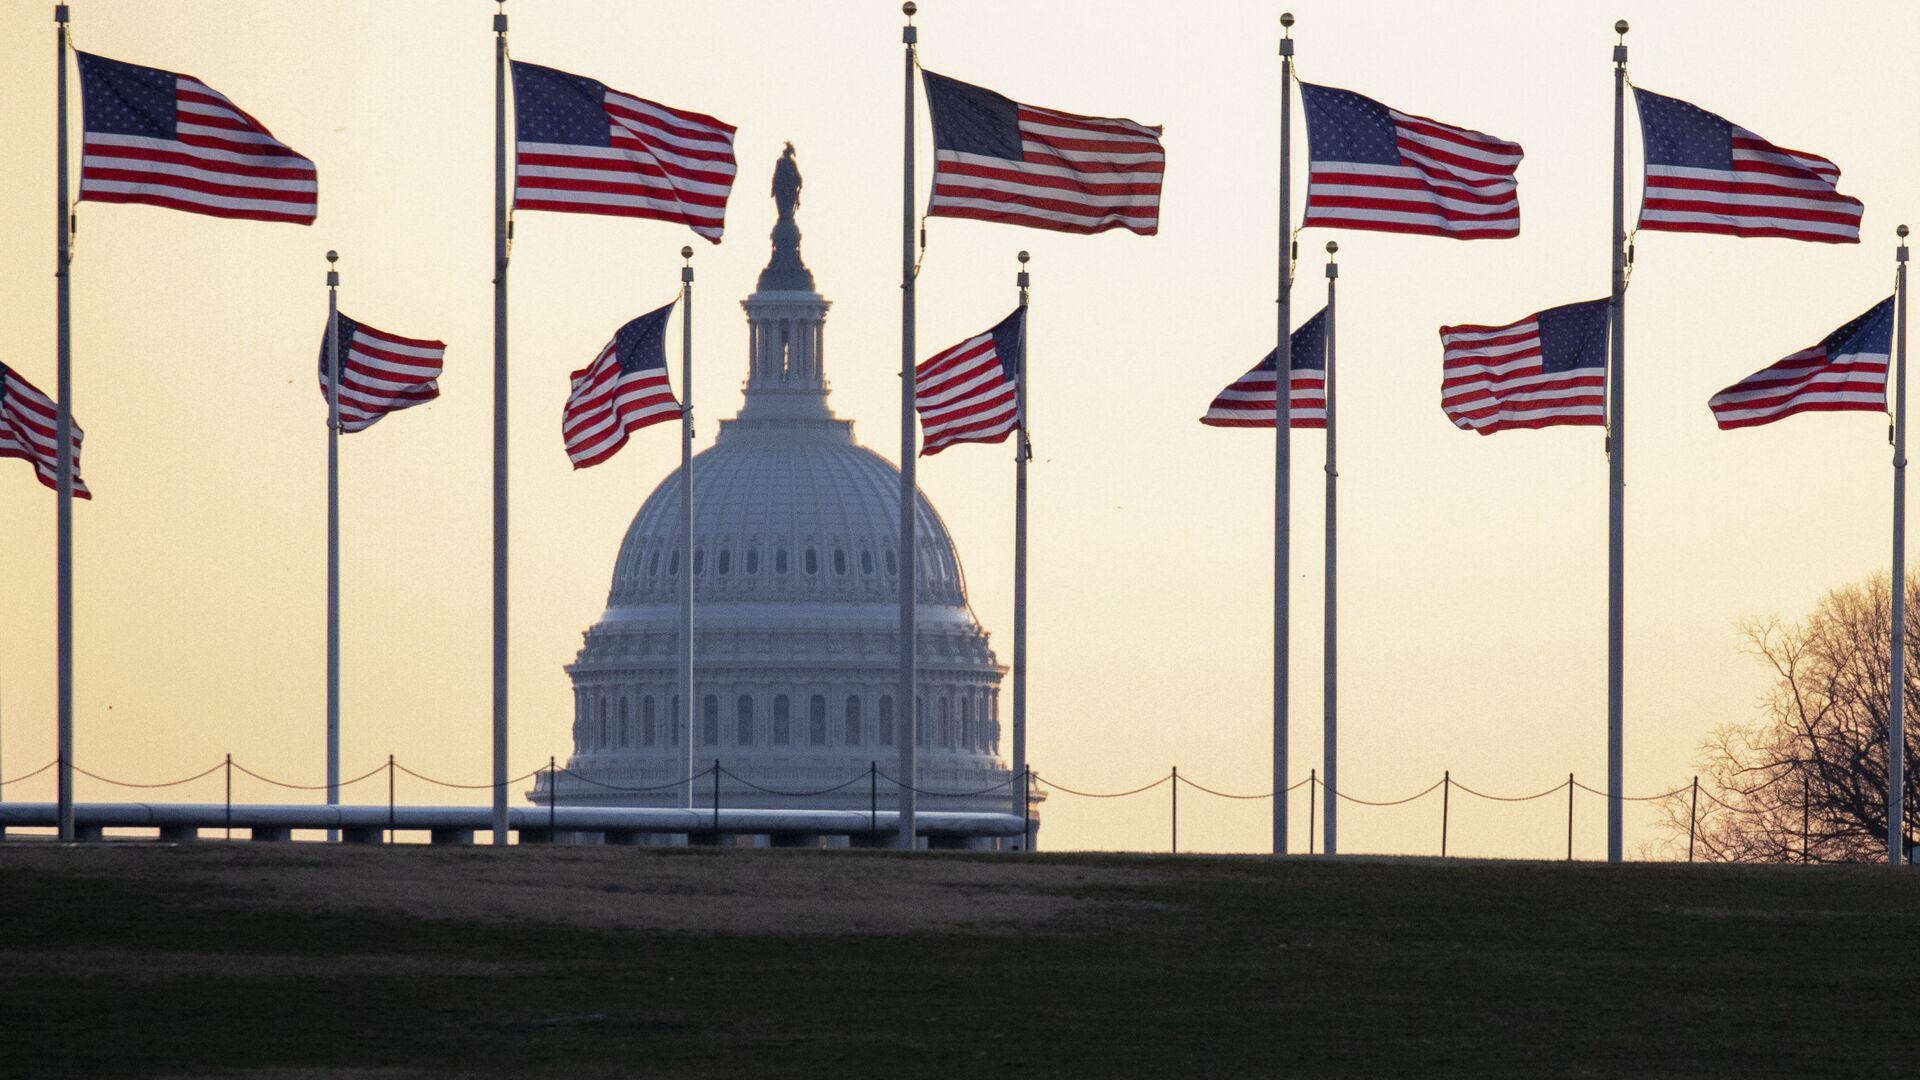 Americké vlajky ve Washingtonu - Sputnik Česká republika, 1920, 18.03.2021